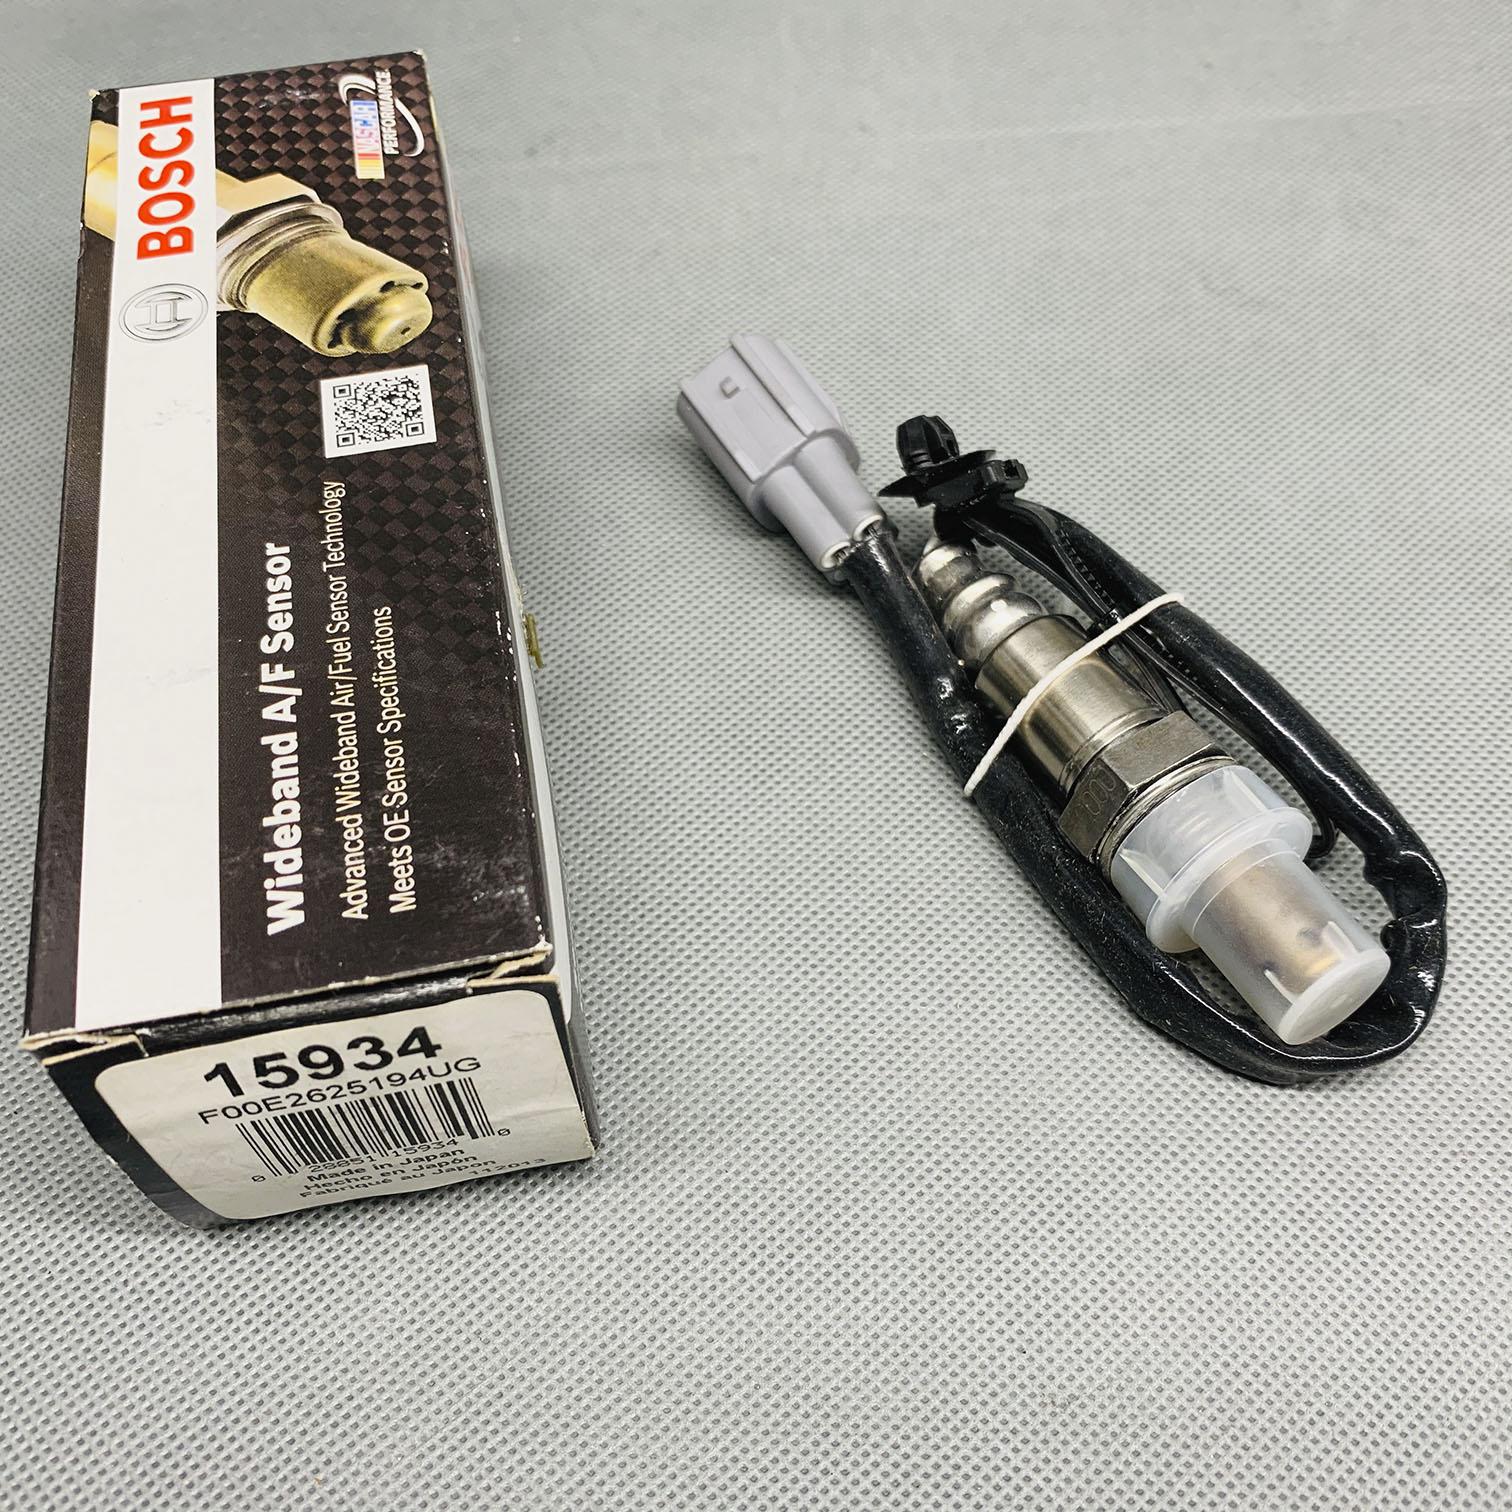 Air Fuel Ratio Oxygen Sensor 234-9046 Upstream For Lexus ES300 ES330 RX330